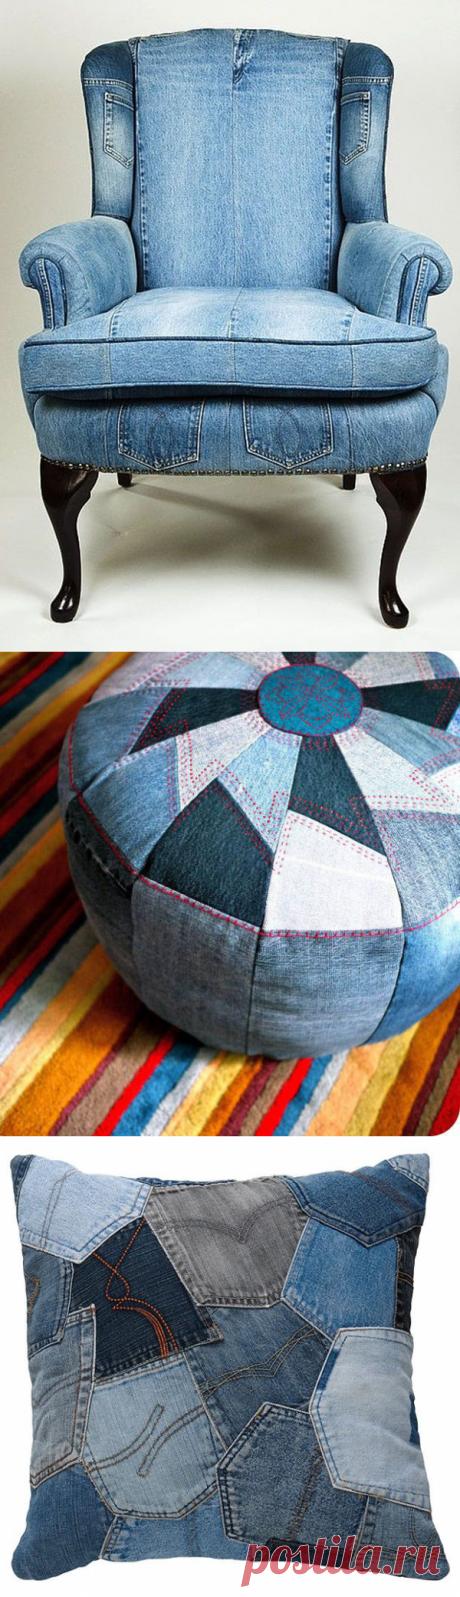 Что можно сделать из джинсовой ткани. 20 интересных идей – Ярмарка Мастеров